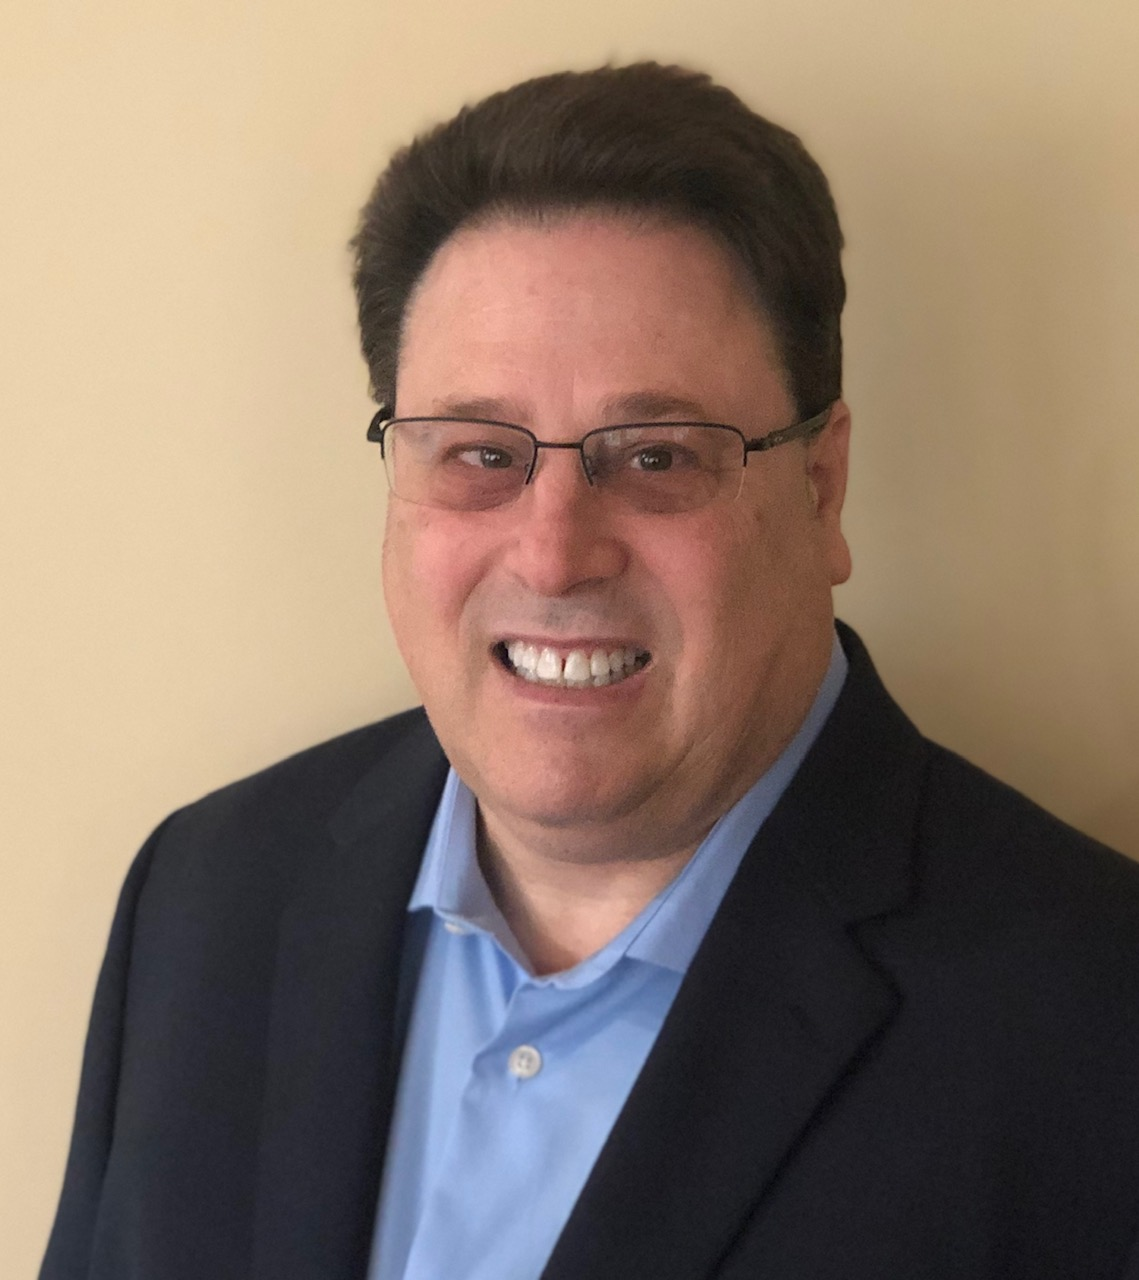 NAIFA partner Ken Leibow